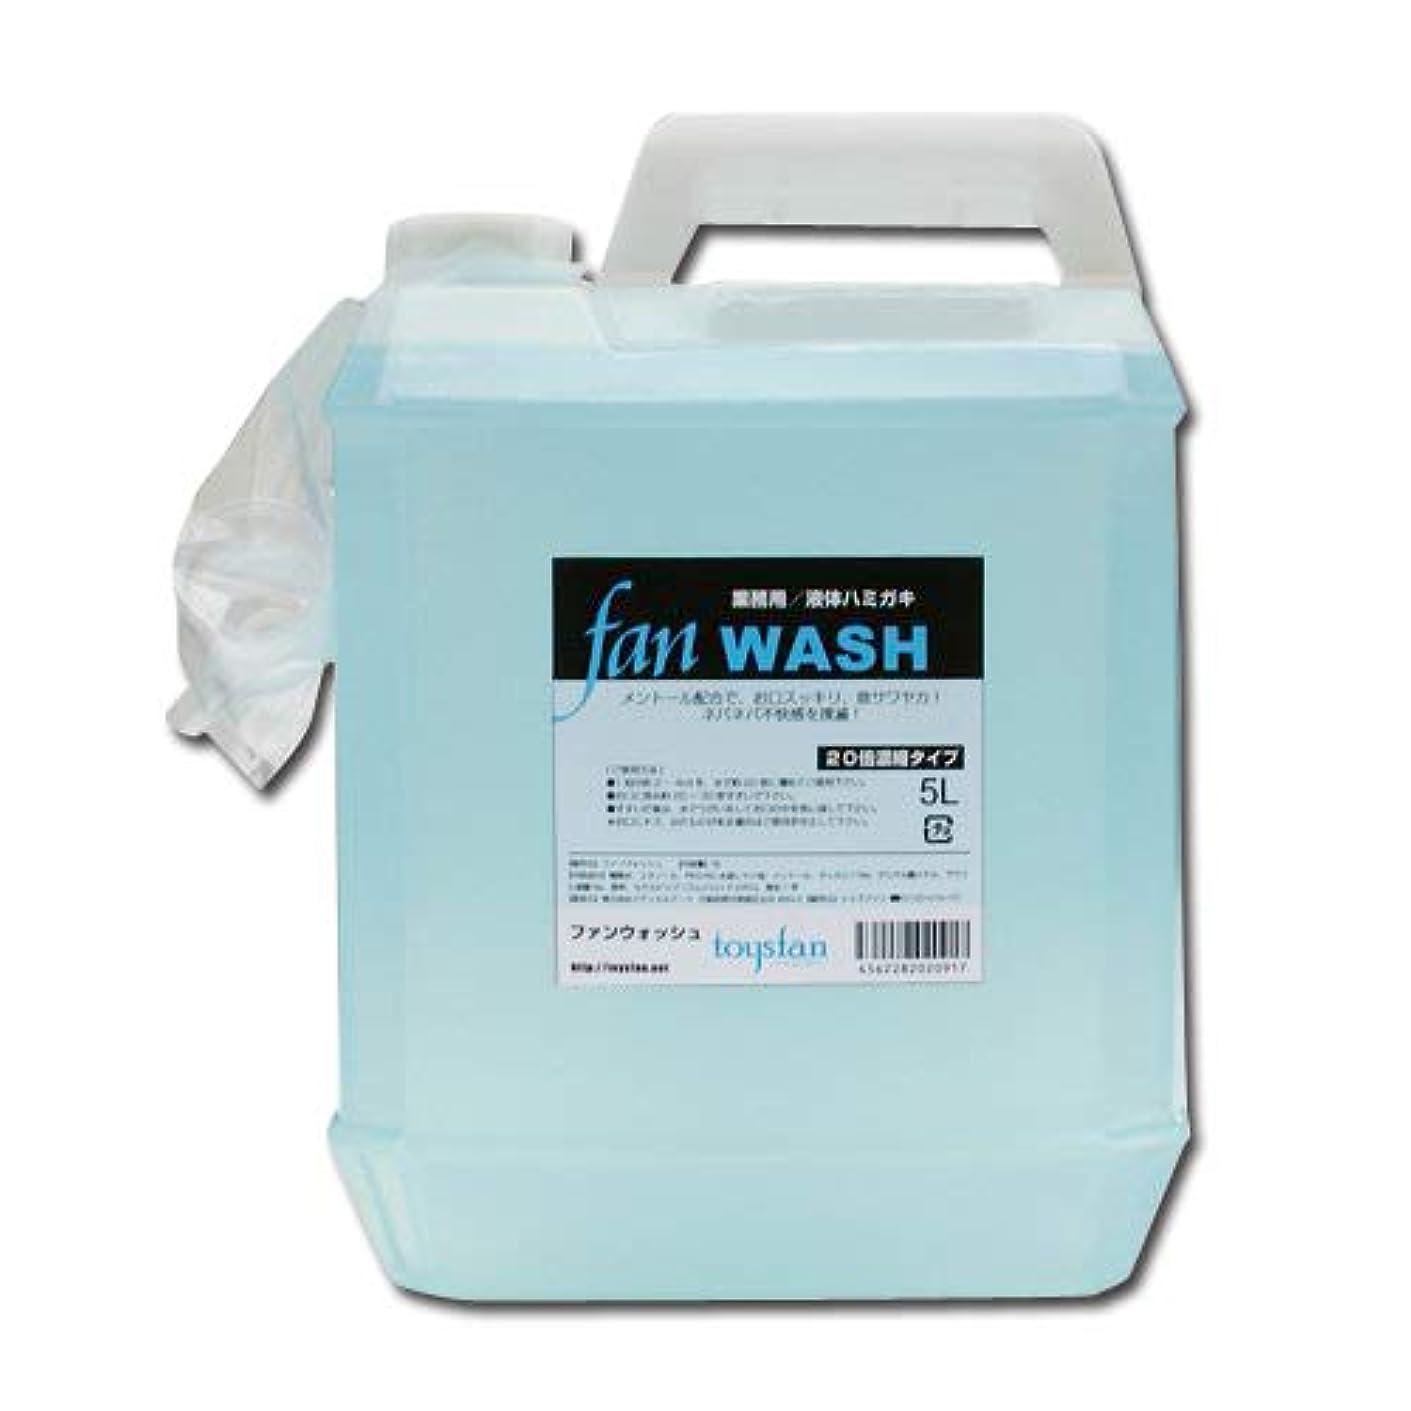 原油予算入場料ファンウォッシュ 5L(20倍濃縮)業務用液体ハミガキ FAN WASHメントール配合│液体歯磨き大容量!うがい液